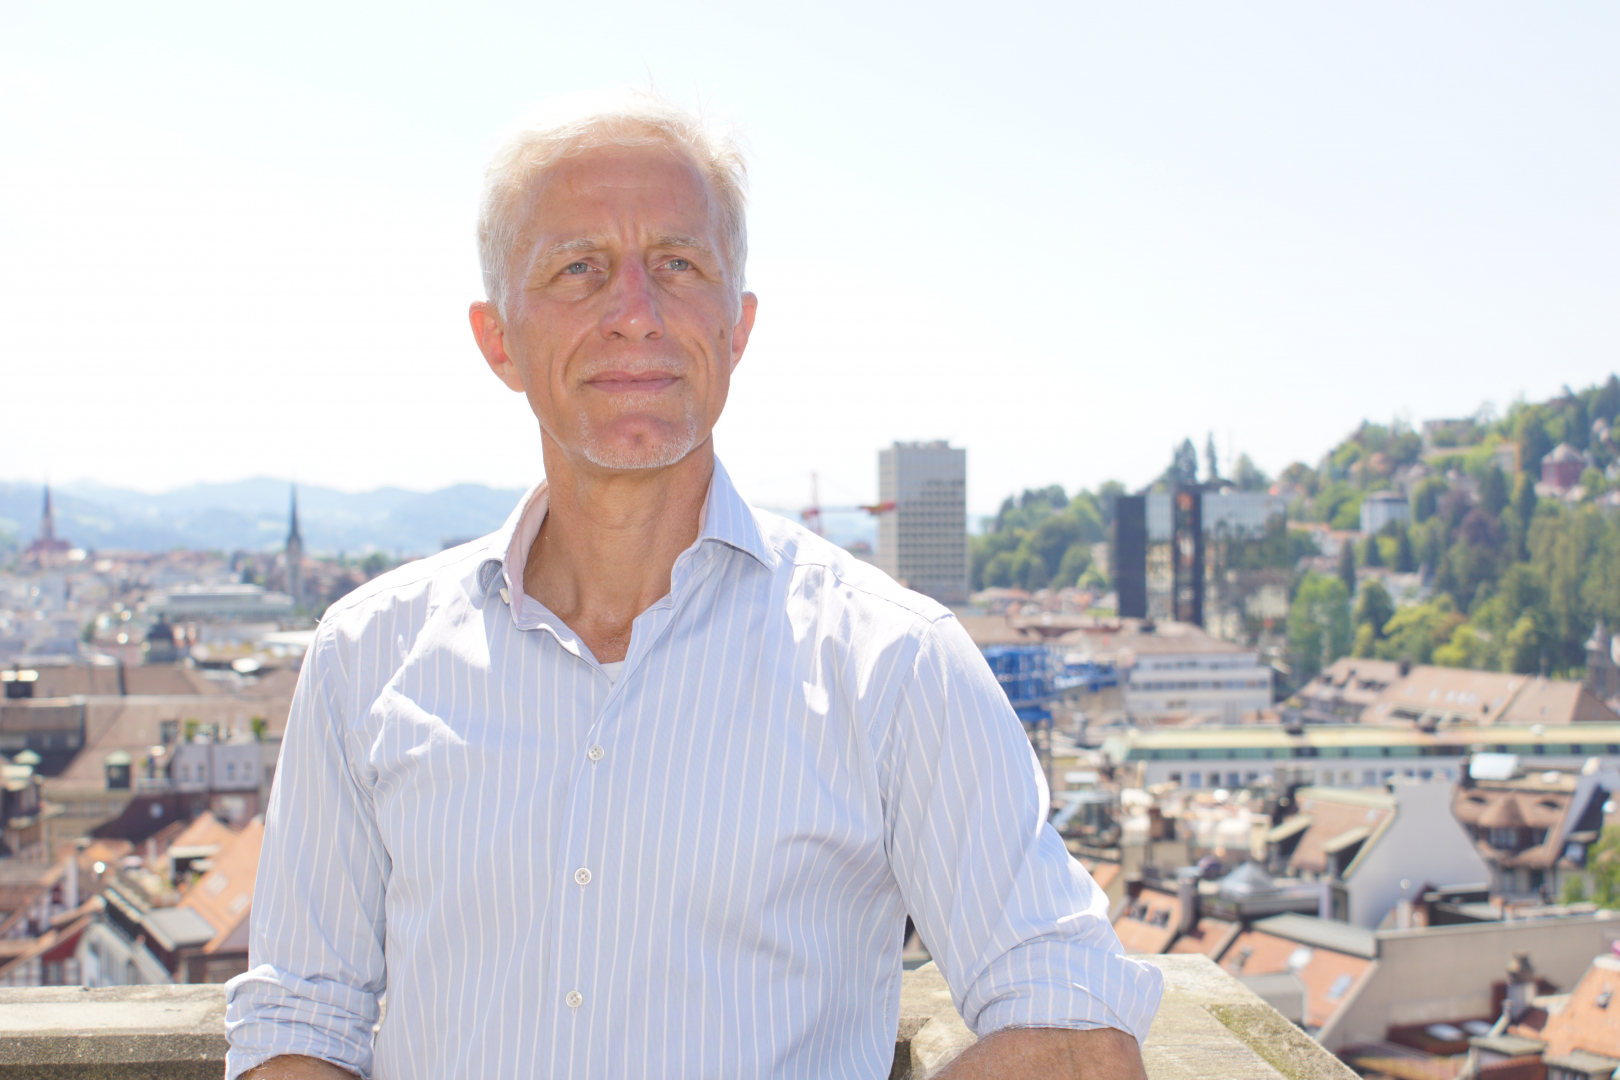 stgallen24 empfiehlt Mathias Gabathuler zur Wahl